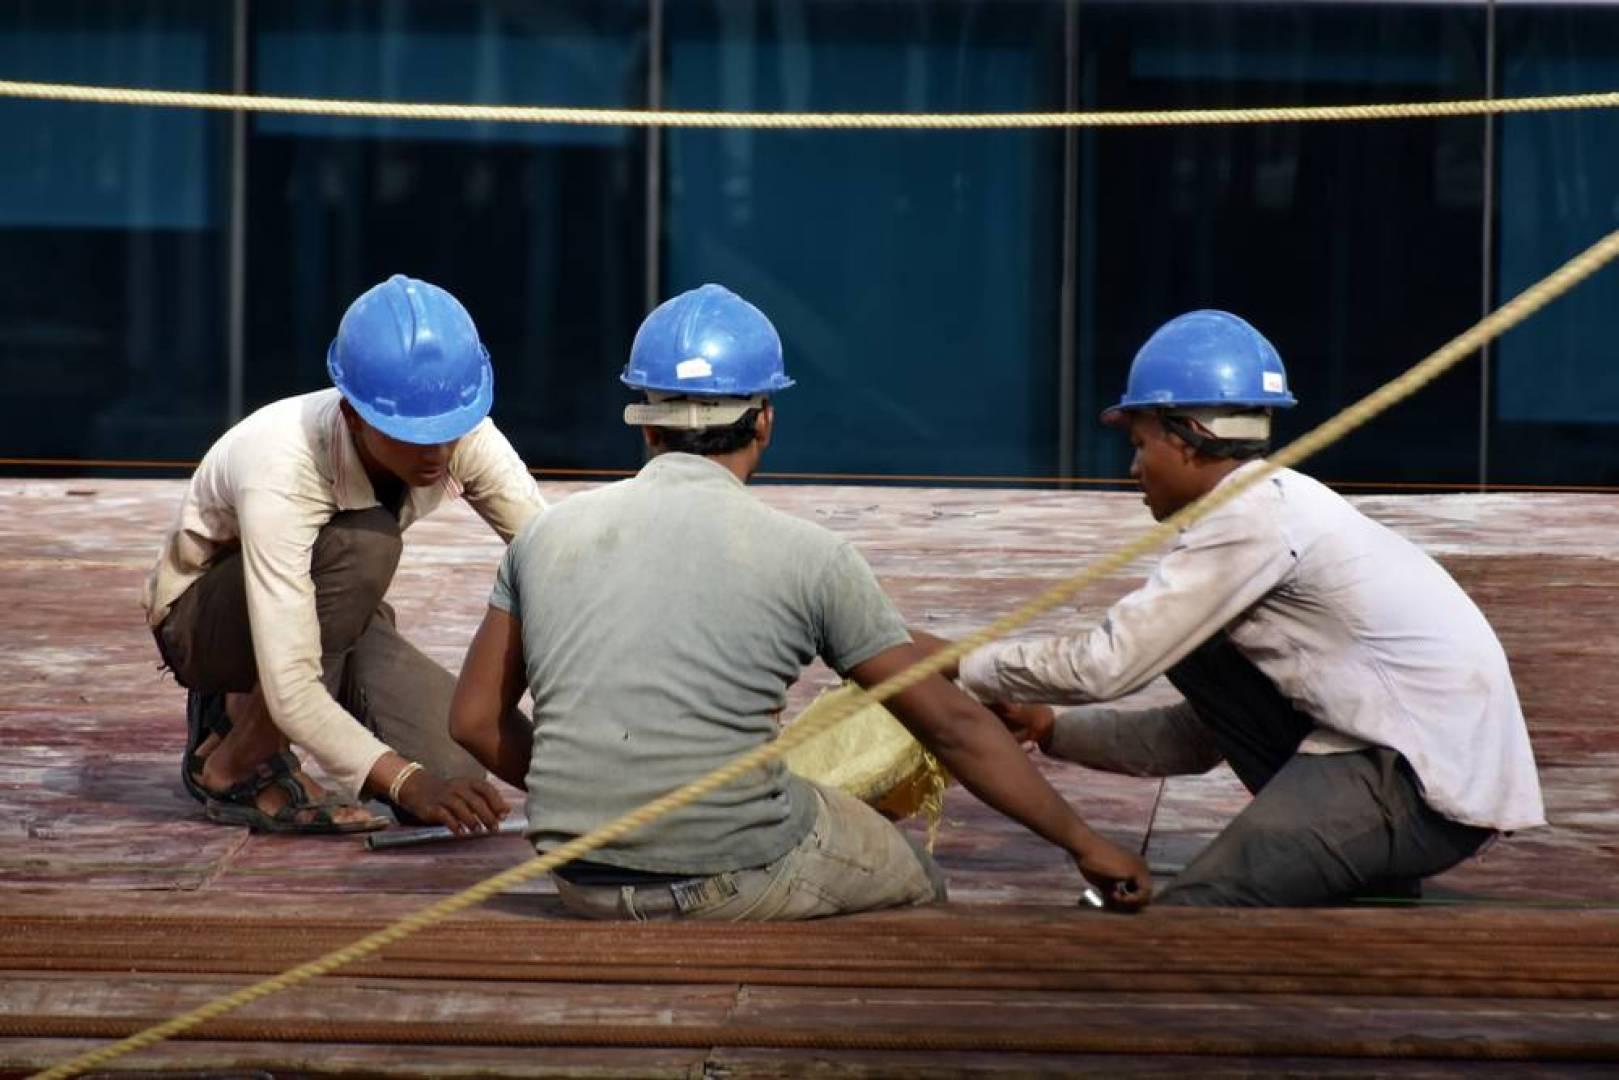 أعلى إصابات العمال الهنود بكورونا عالمياً في الكويت وسنغافورة